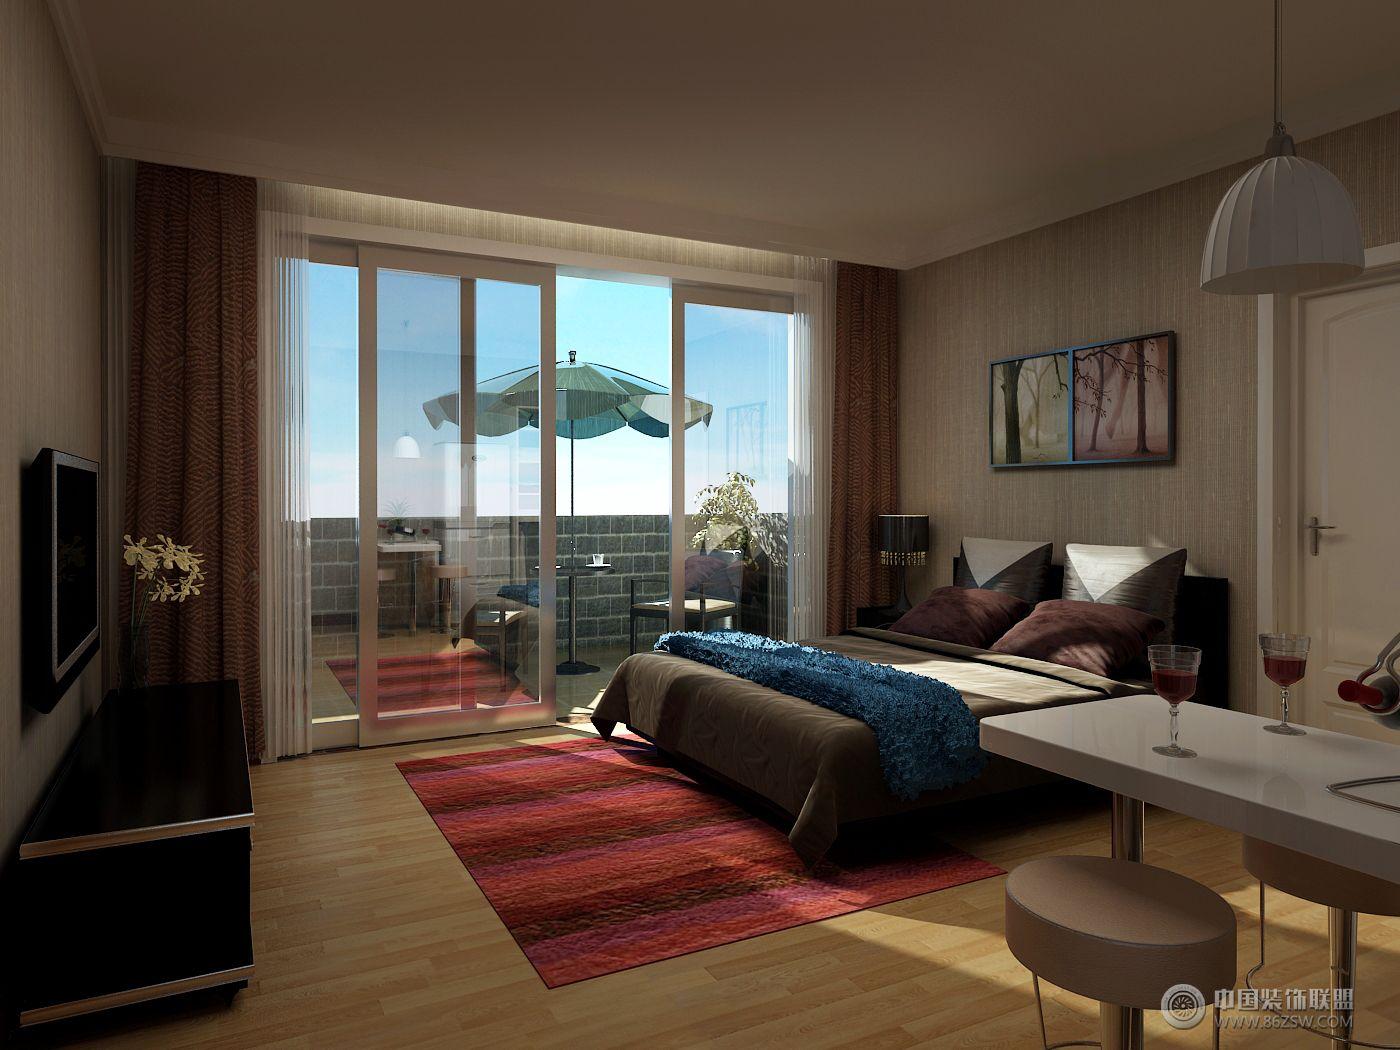 酒店式公寓04简约卧室装修图片图片